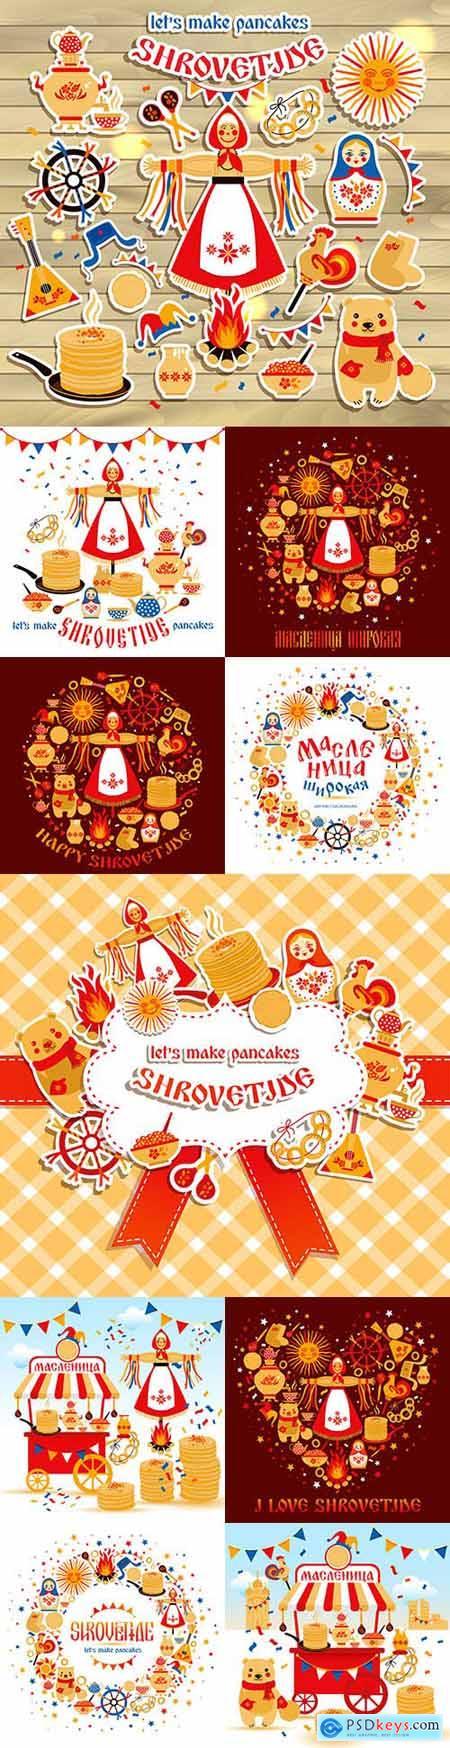 Wide Shrovetide national holiday and design elements illustration